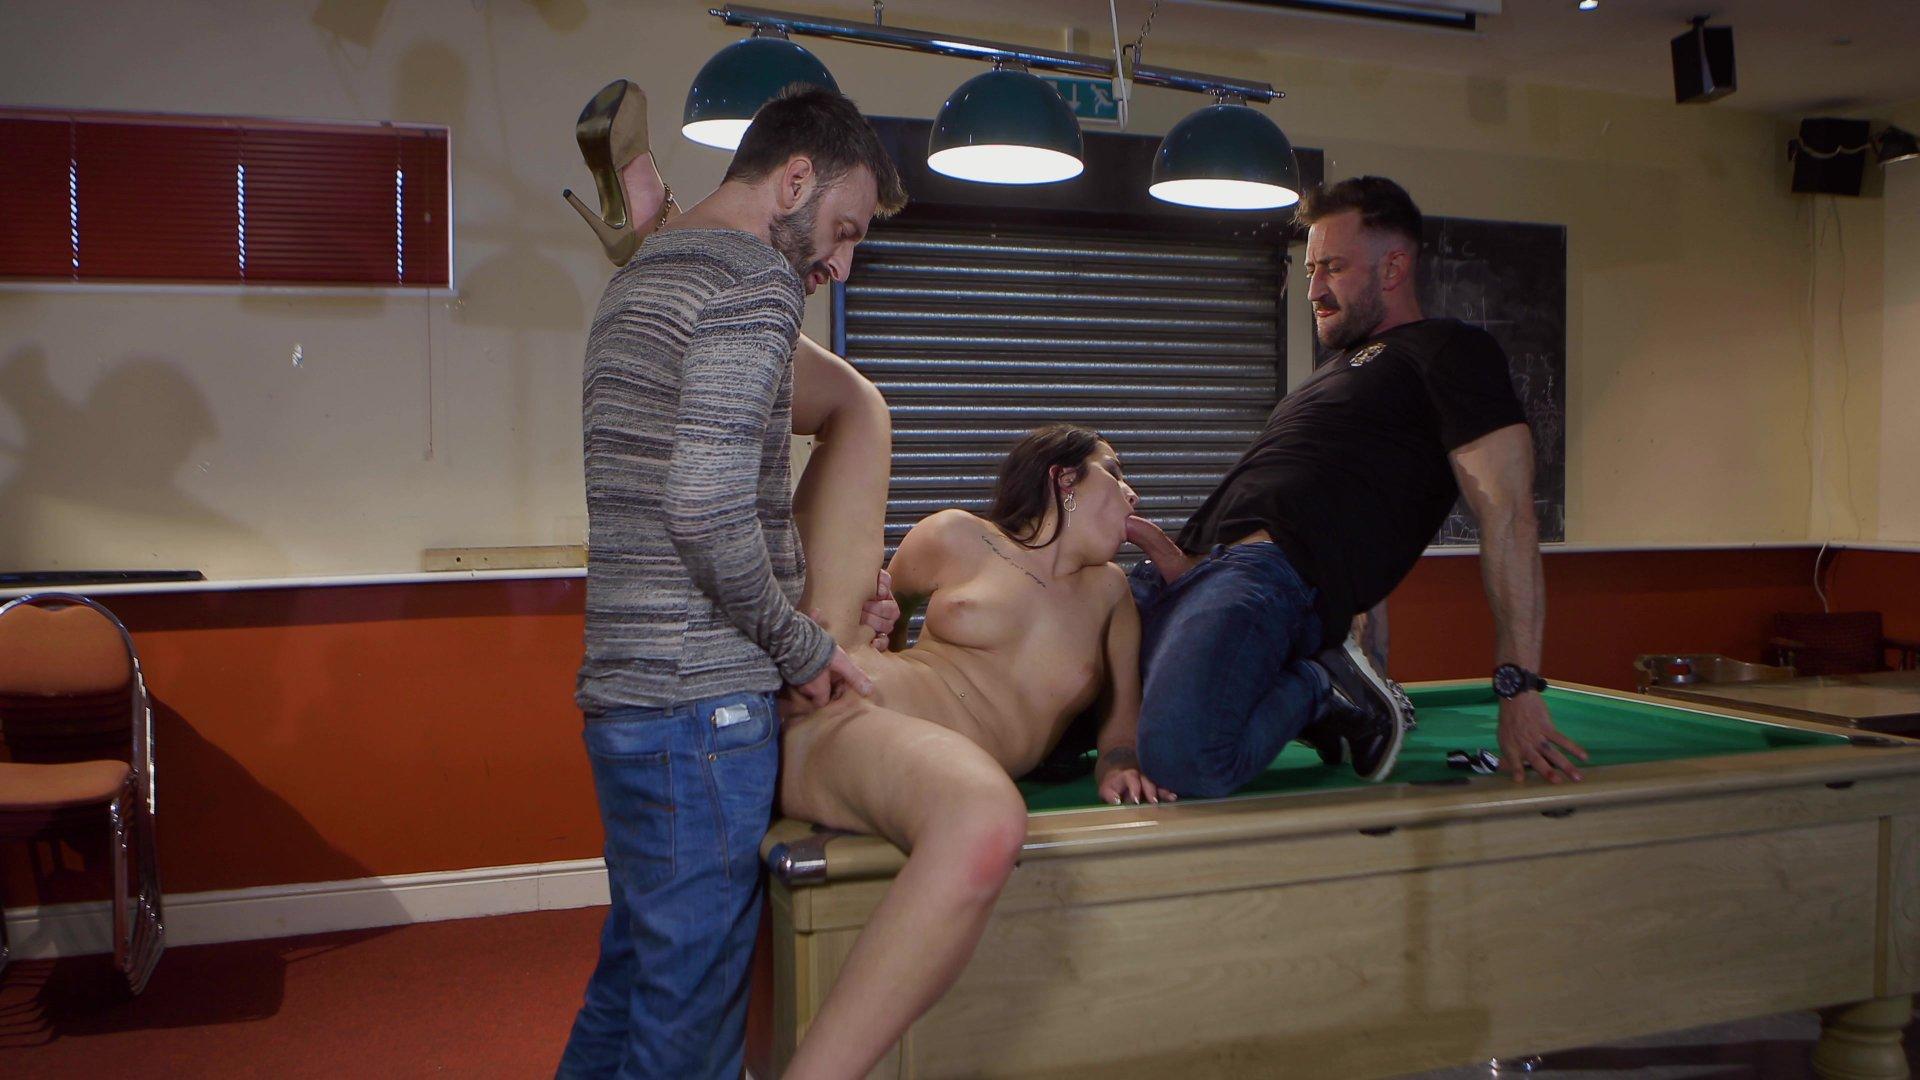 Трахнул на бильярдном столе порно, гиг порно бильярд видео смотреть HD порно бесплатно 17 фотография